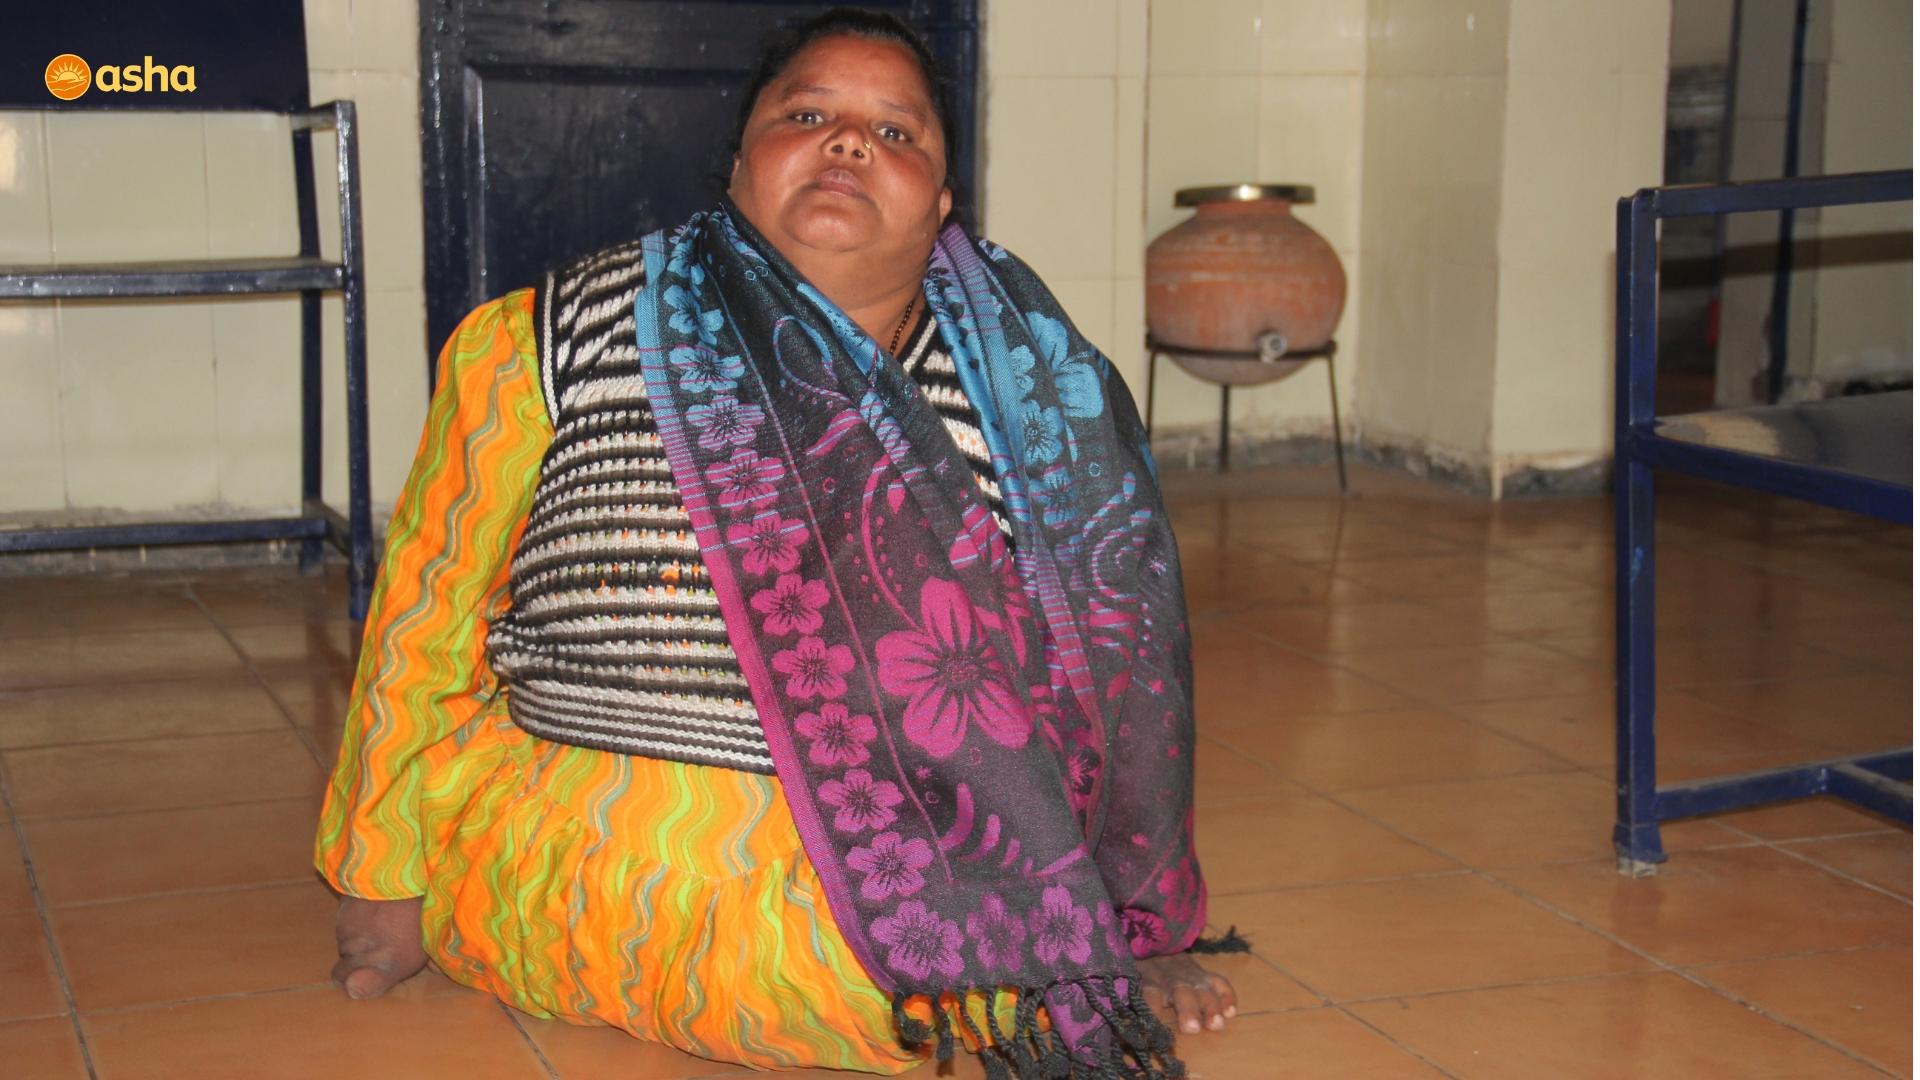 Guddi visiting Asha center at Mayapuri slum community